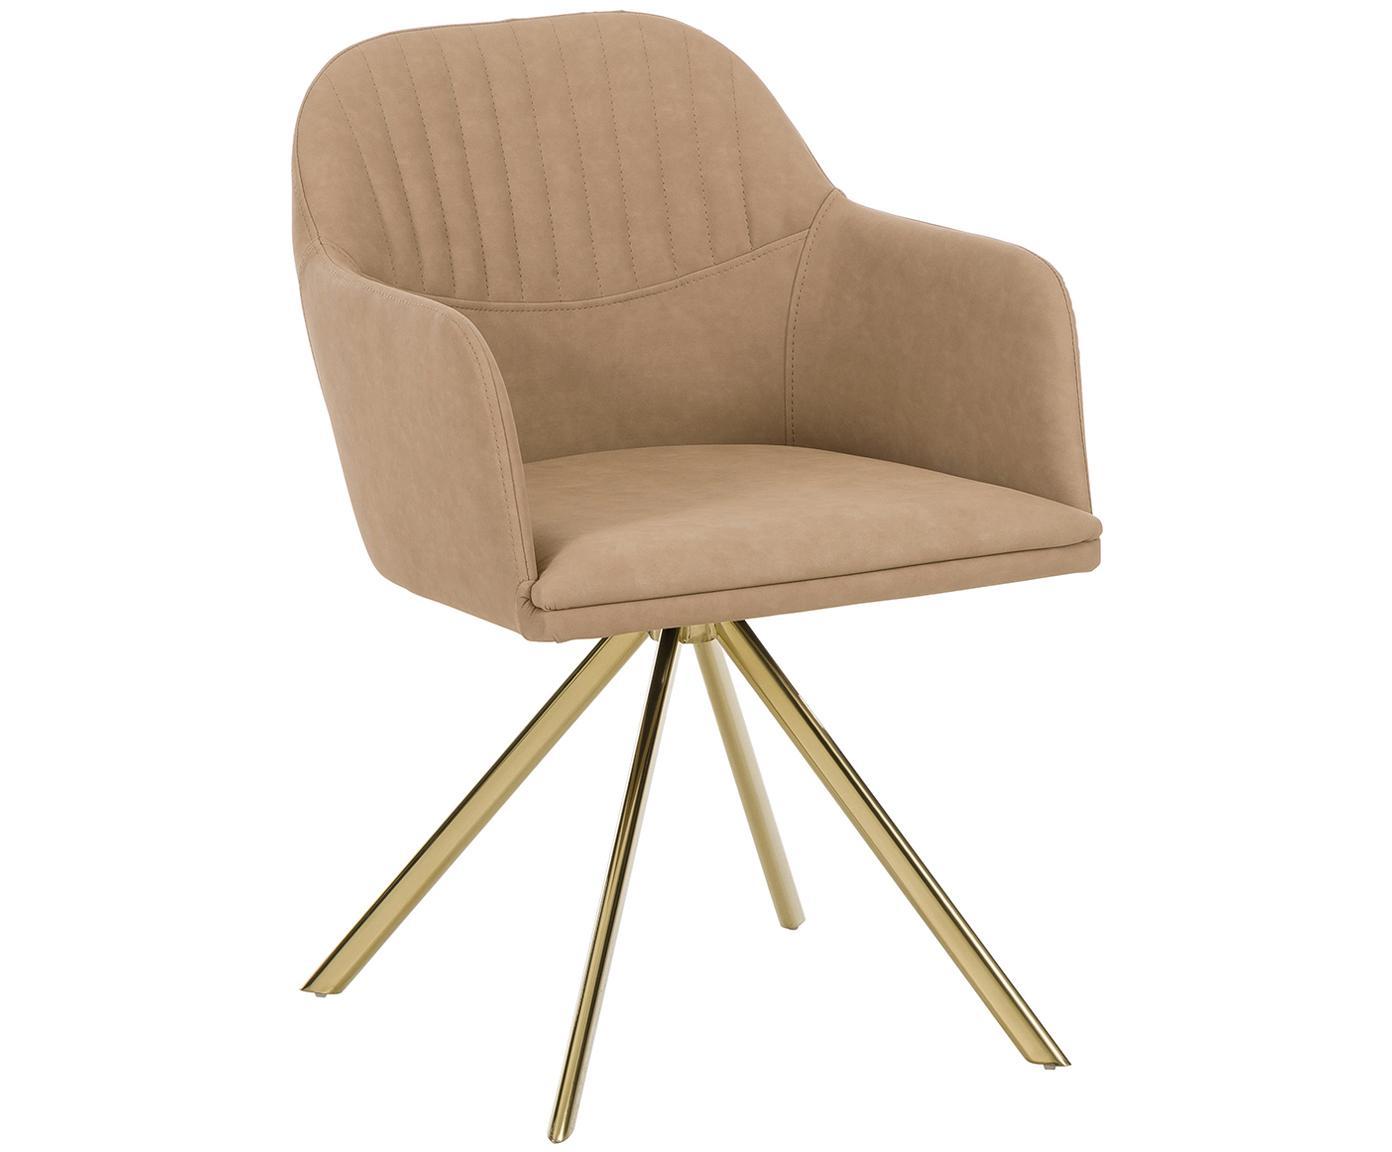 Krzesło obrotowe ze sztucznej skóry Lola, Tapicerka: sztuczna skóra (poliureta, Nogi: metal galwanizowany, Jasny brązowy, S 52 x G 57 cm